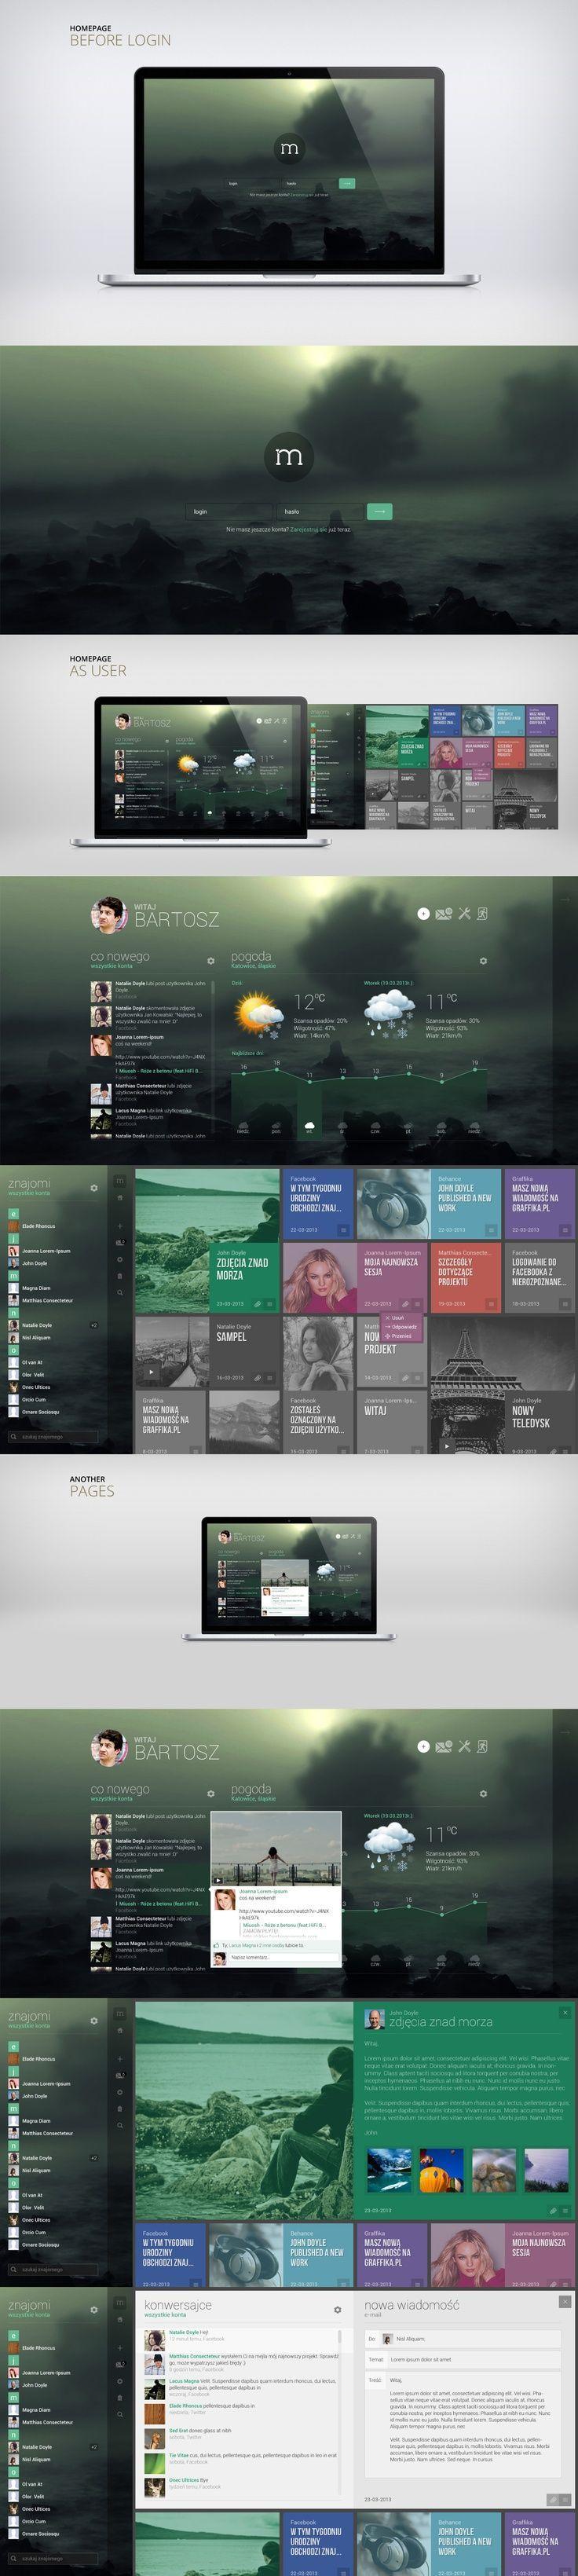 Les comparto una nueva galería de diseños de paginas web continuando con la serie que inicie meses atras y que prometi que sería mensual, hoy les comparto